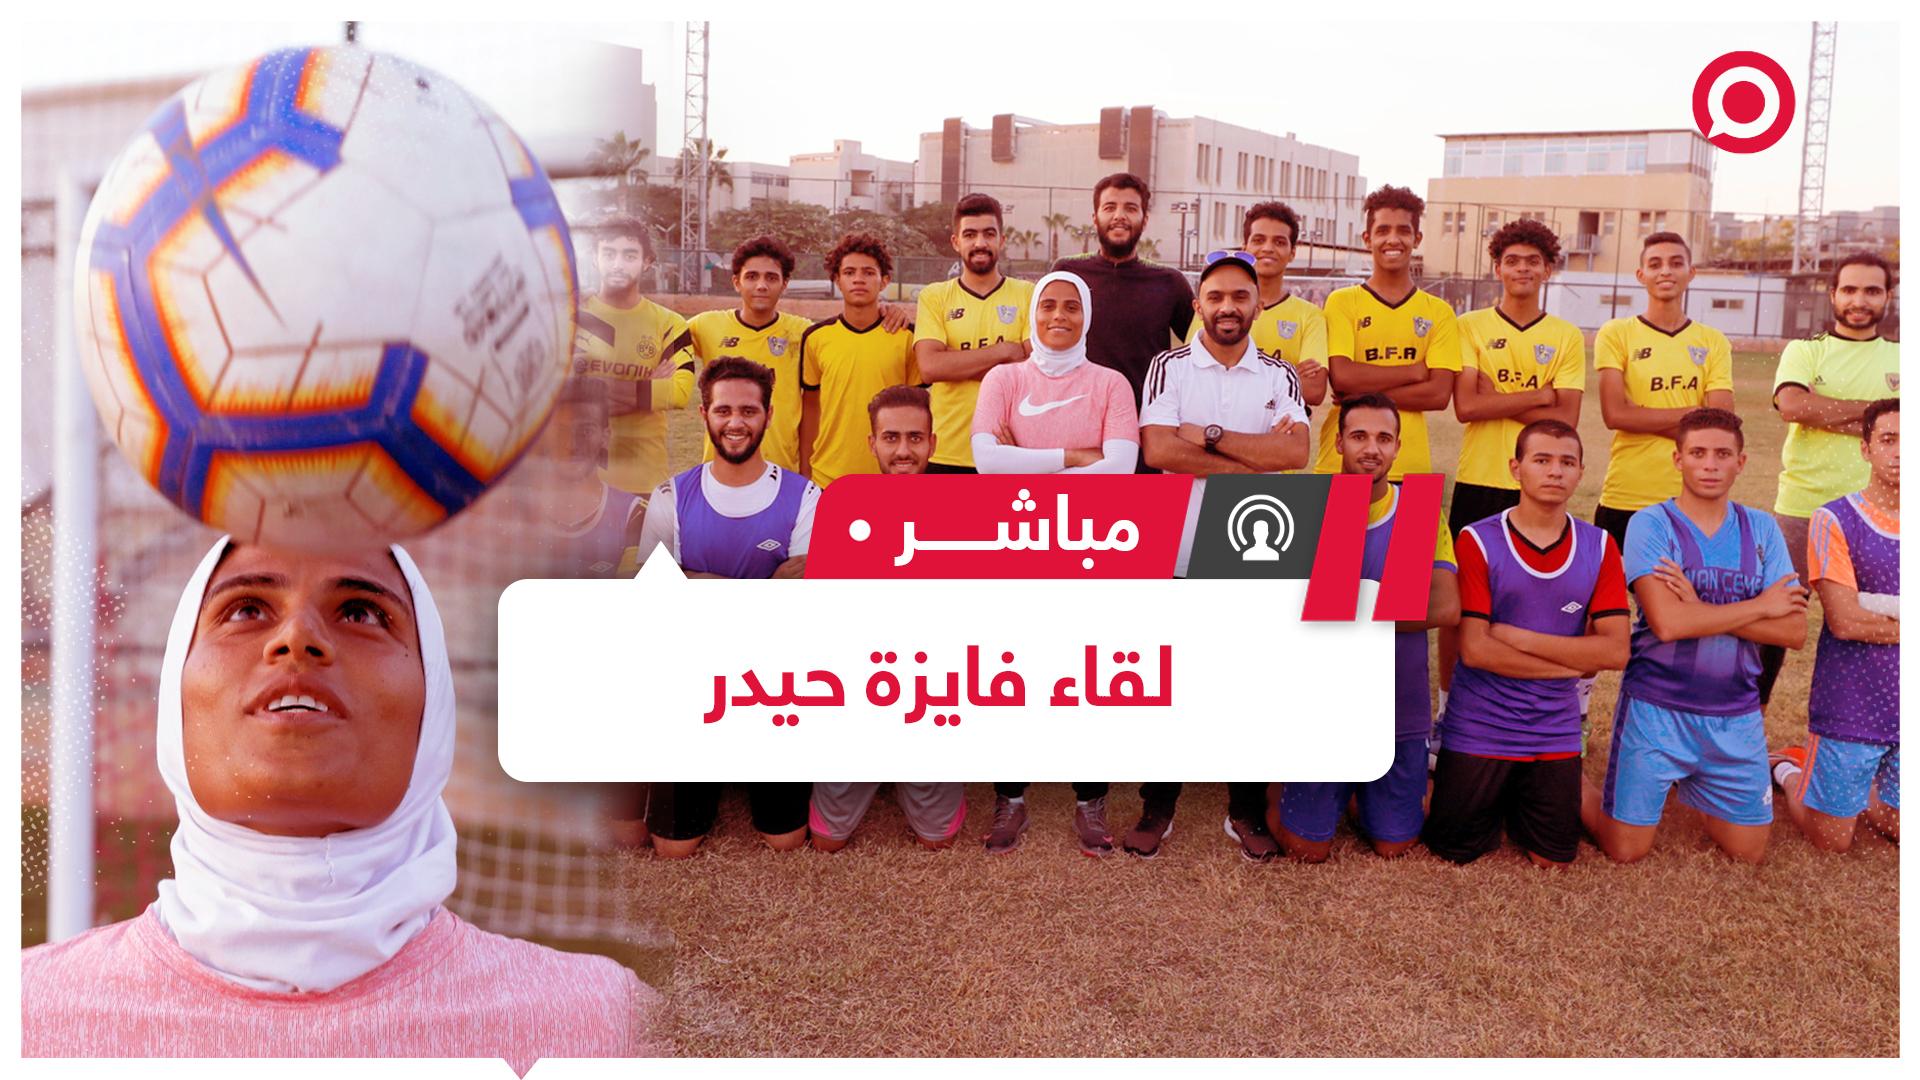 فايزة حيدر.. أول مدربة لفريق كرة قدم للرجال في مصر